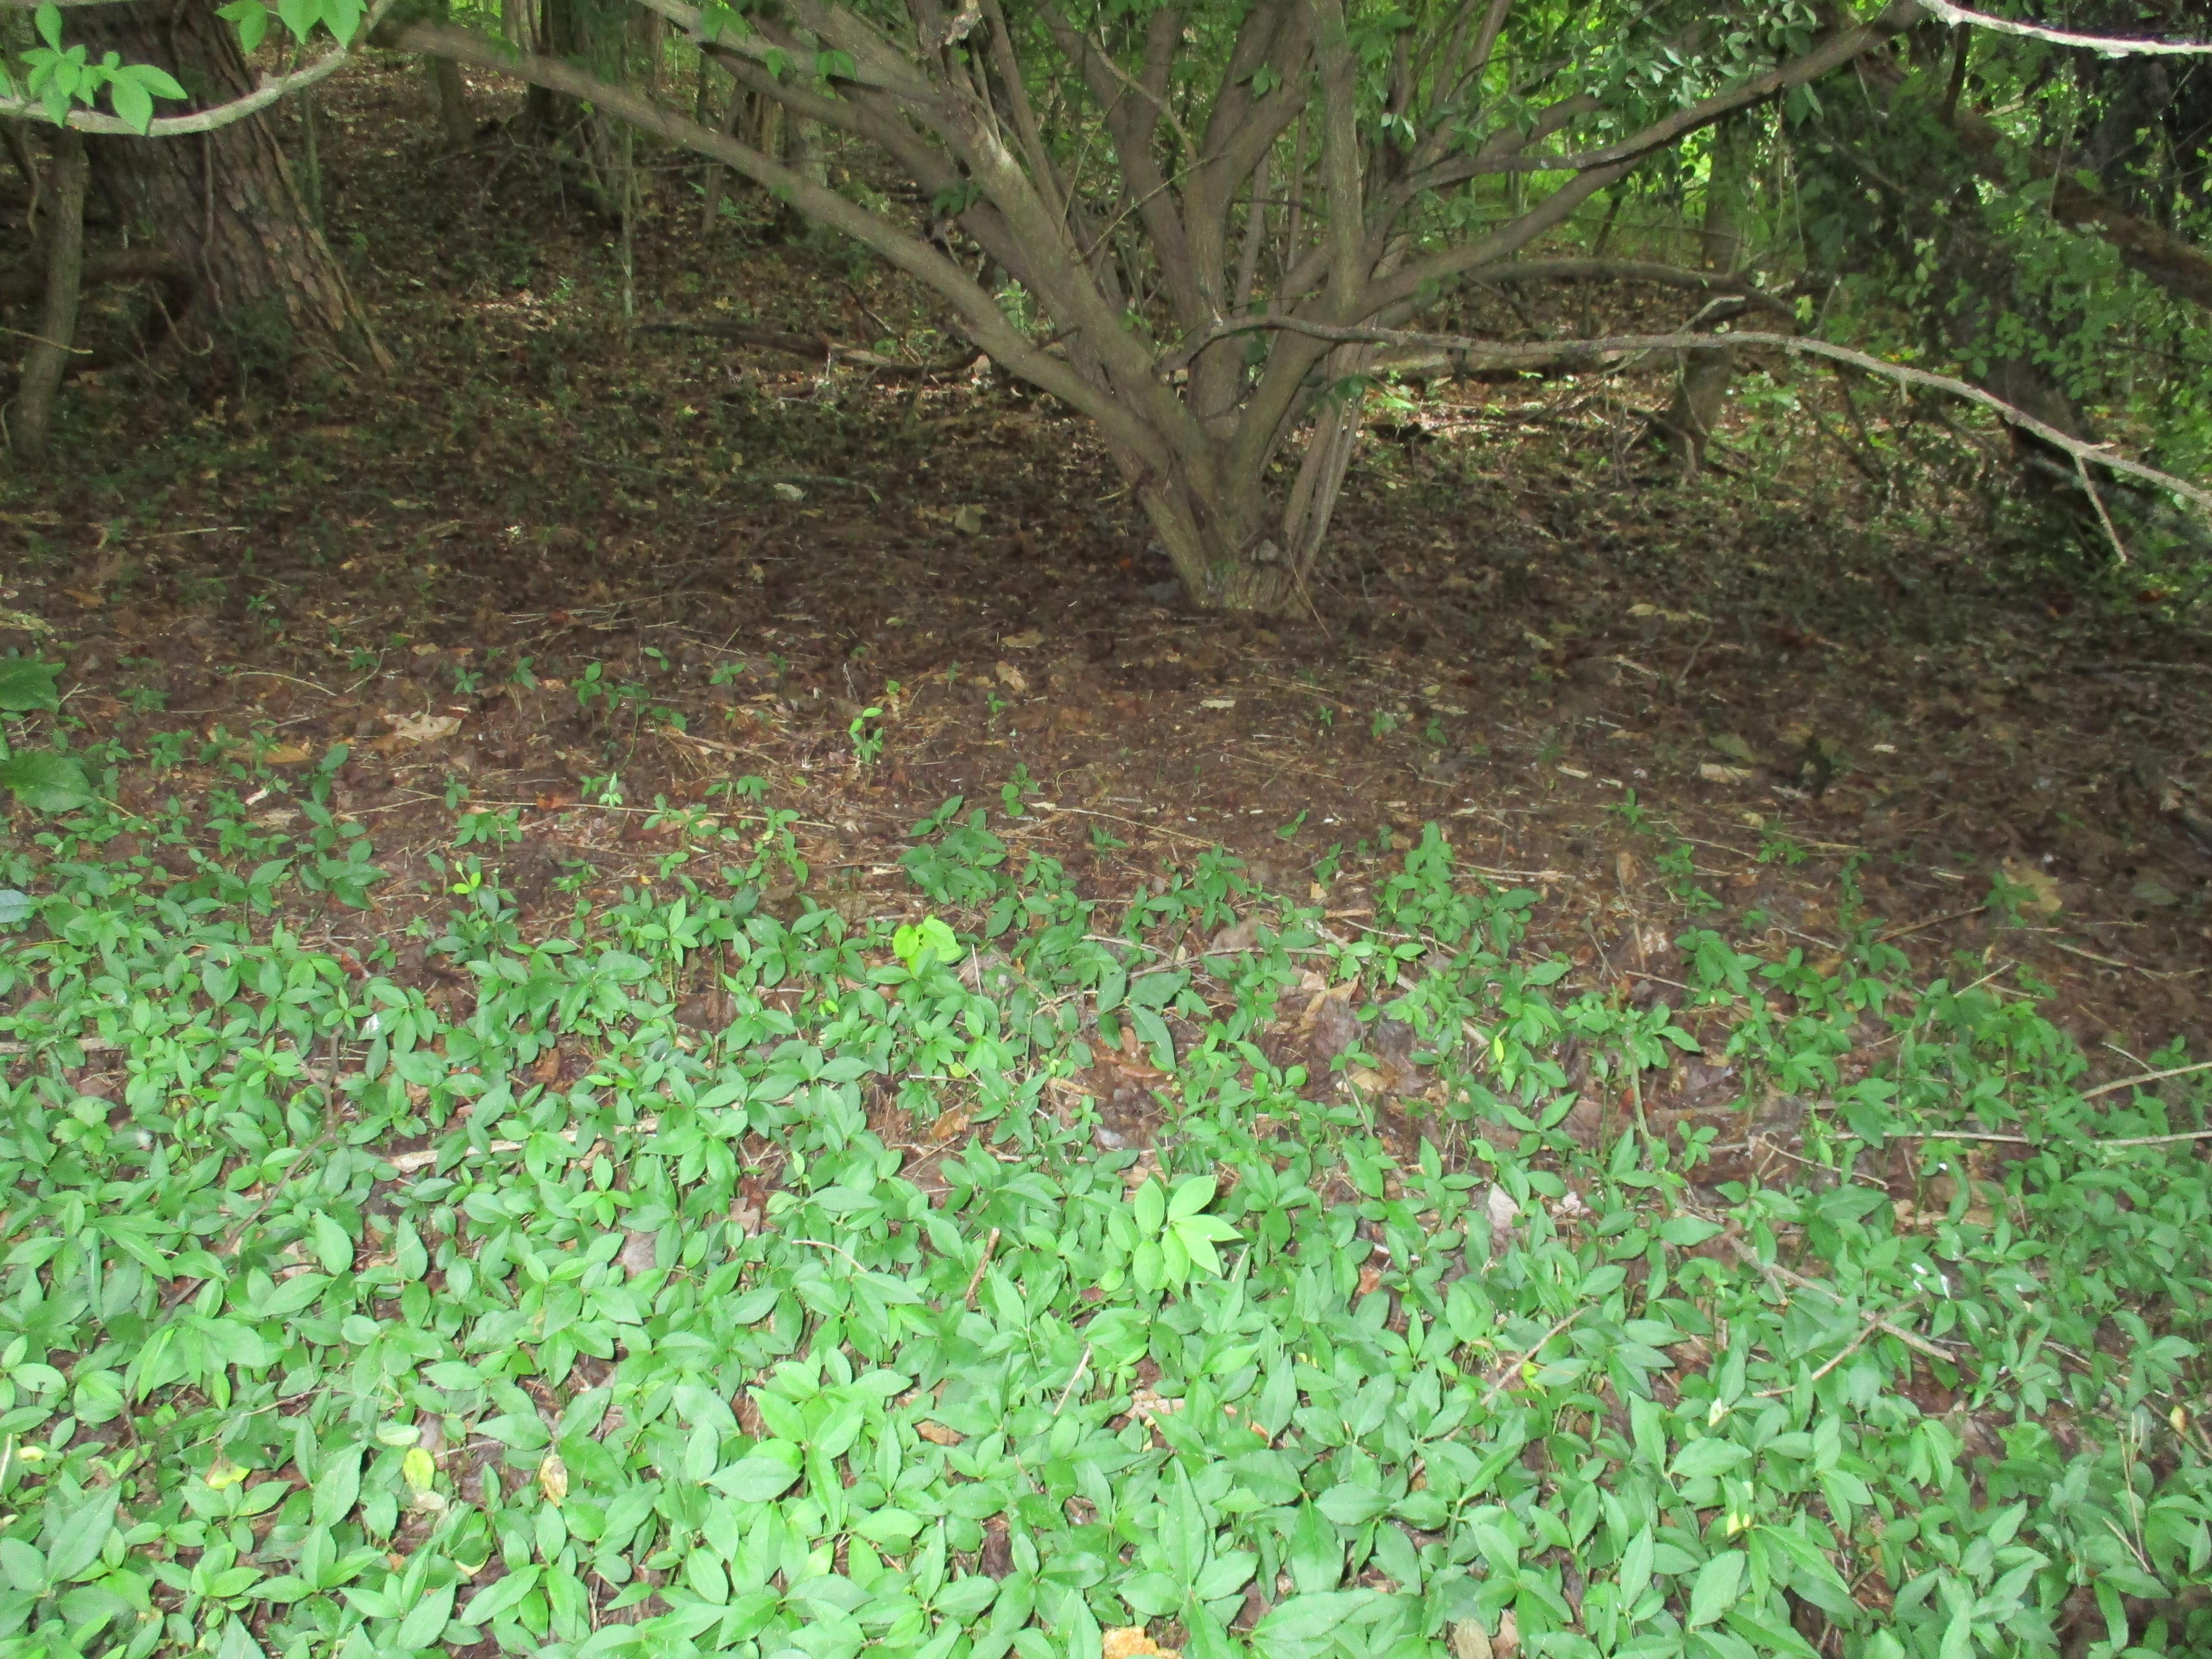 Image of seedlings